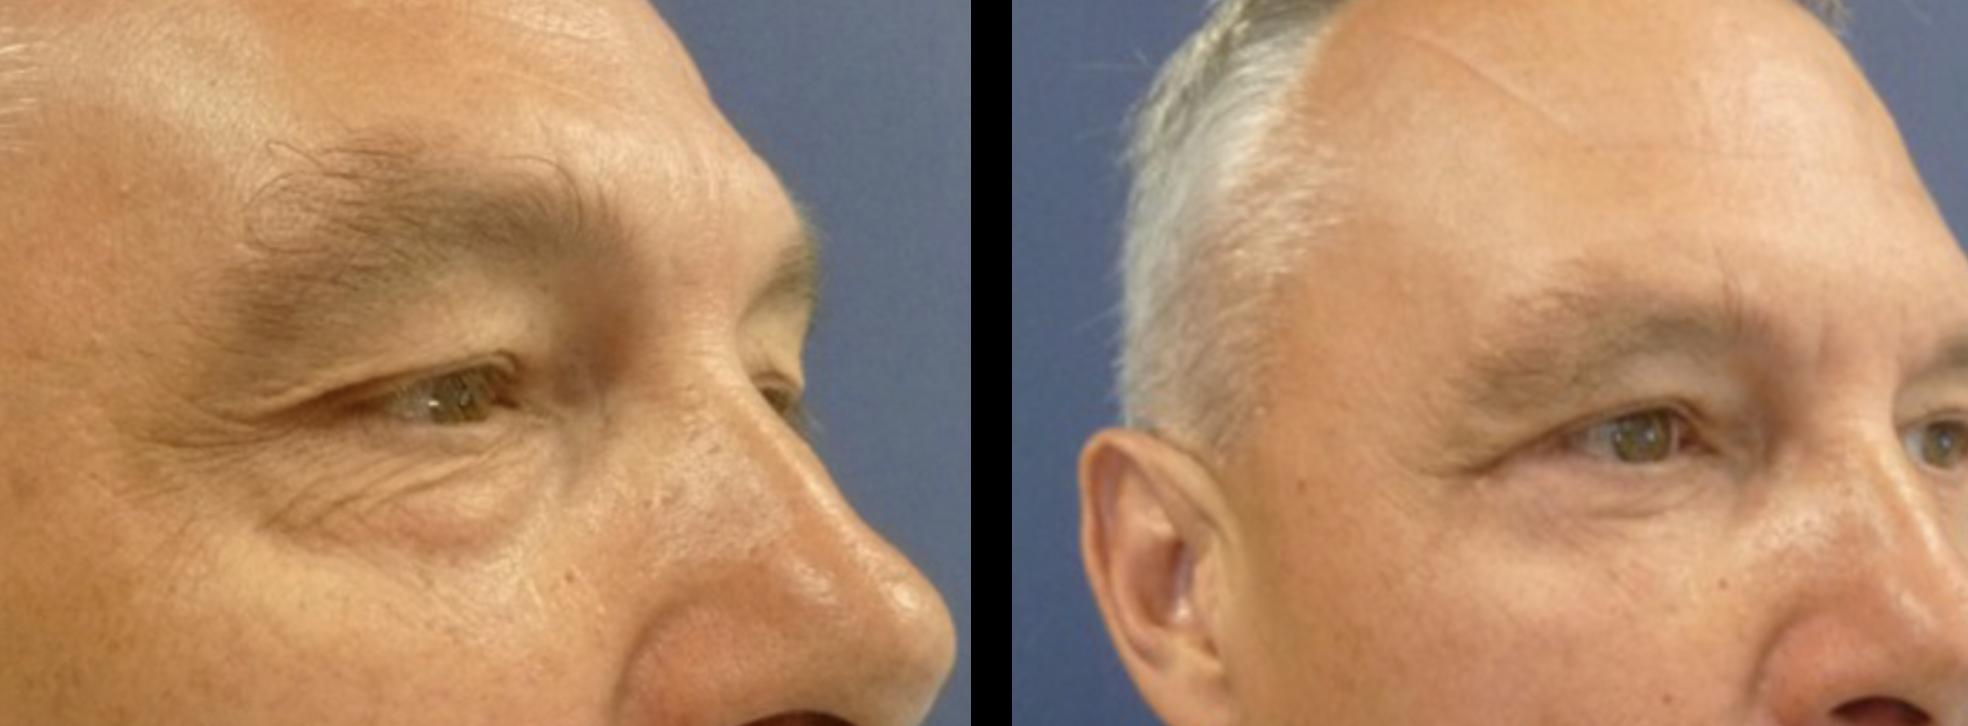 onderste ooglid correctie voor en na